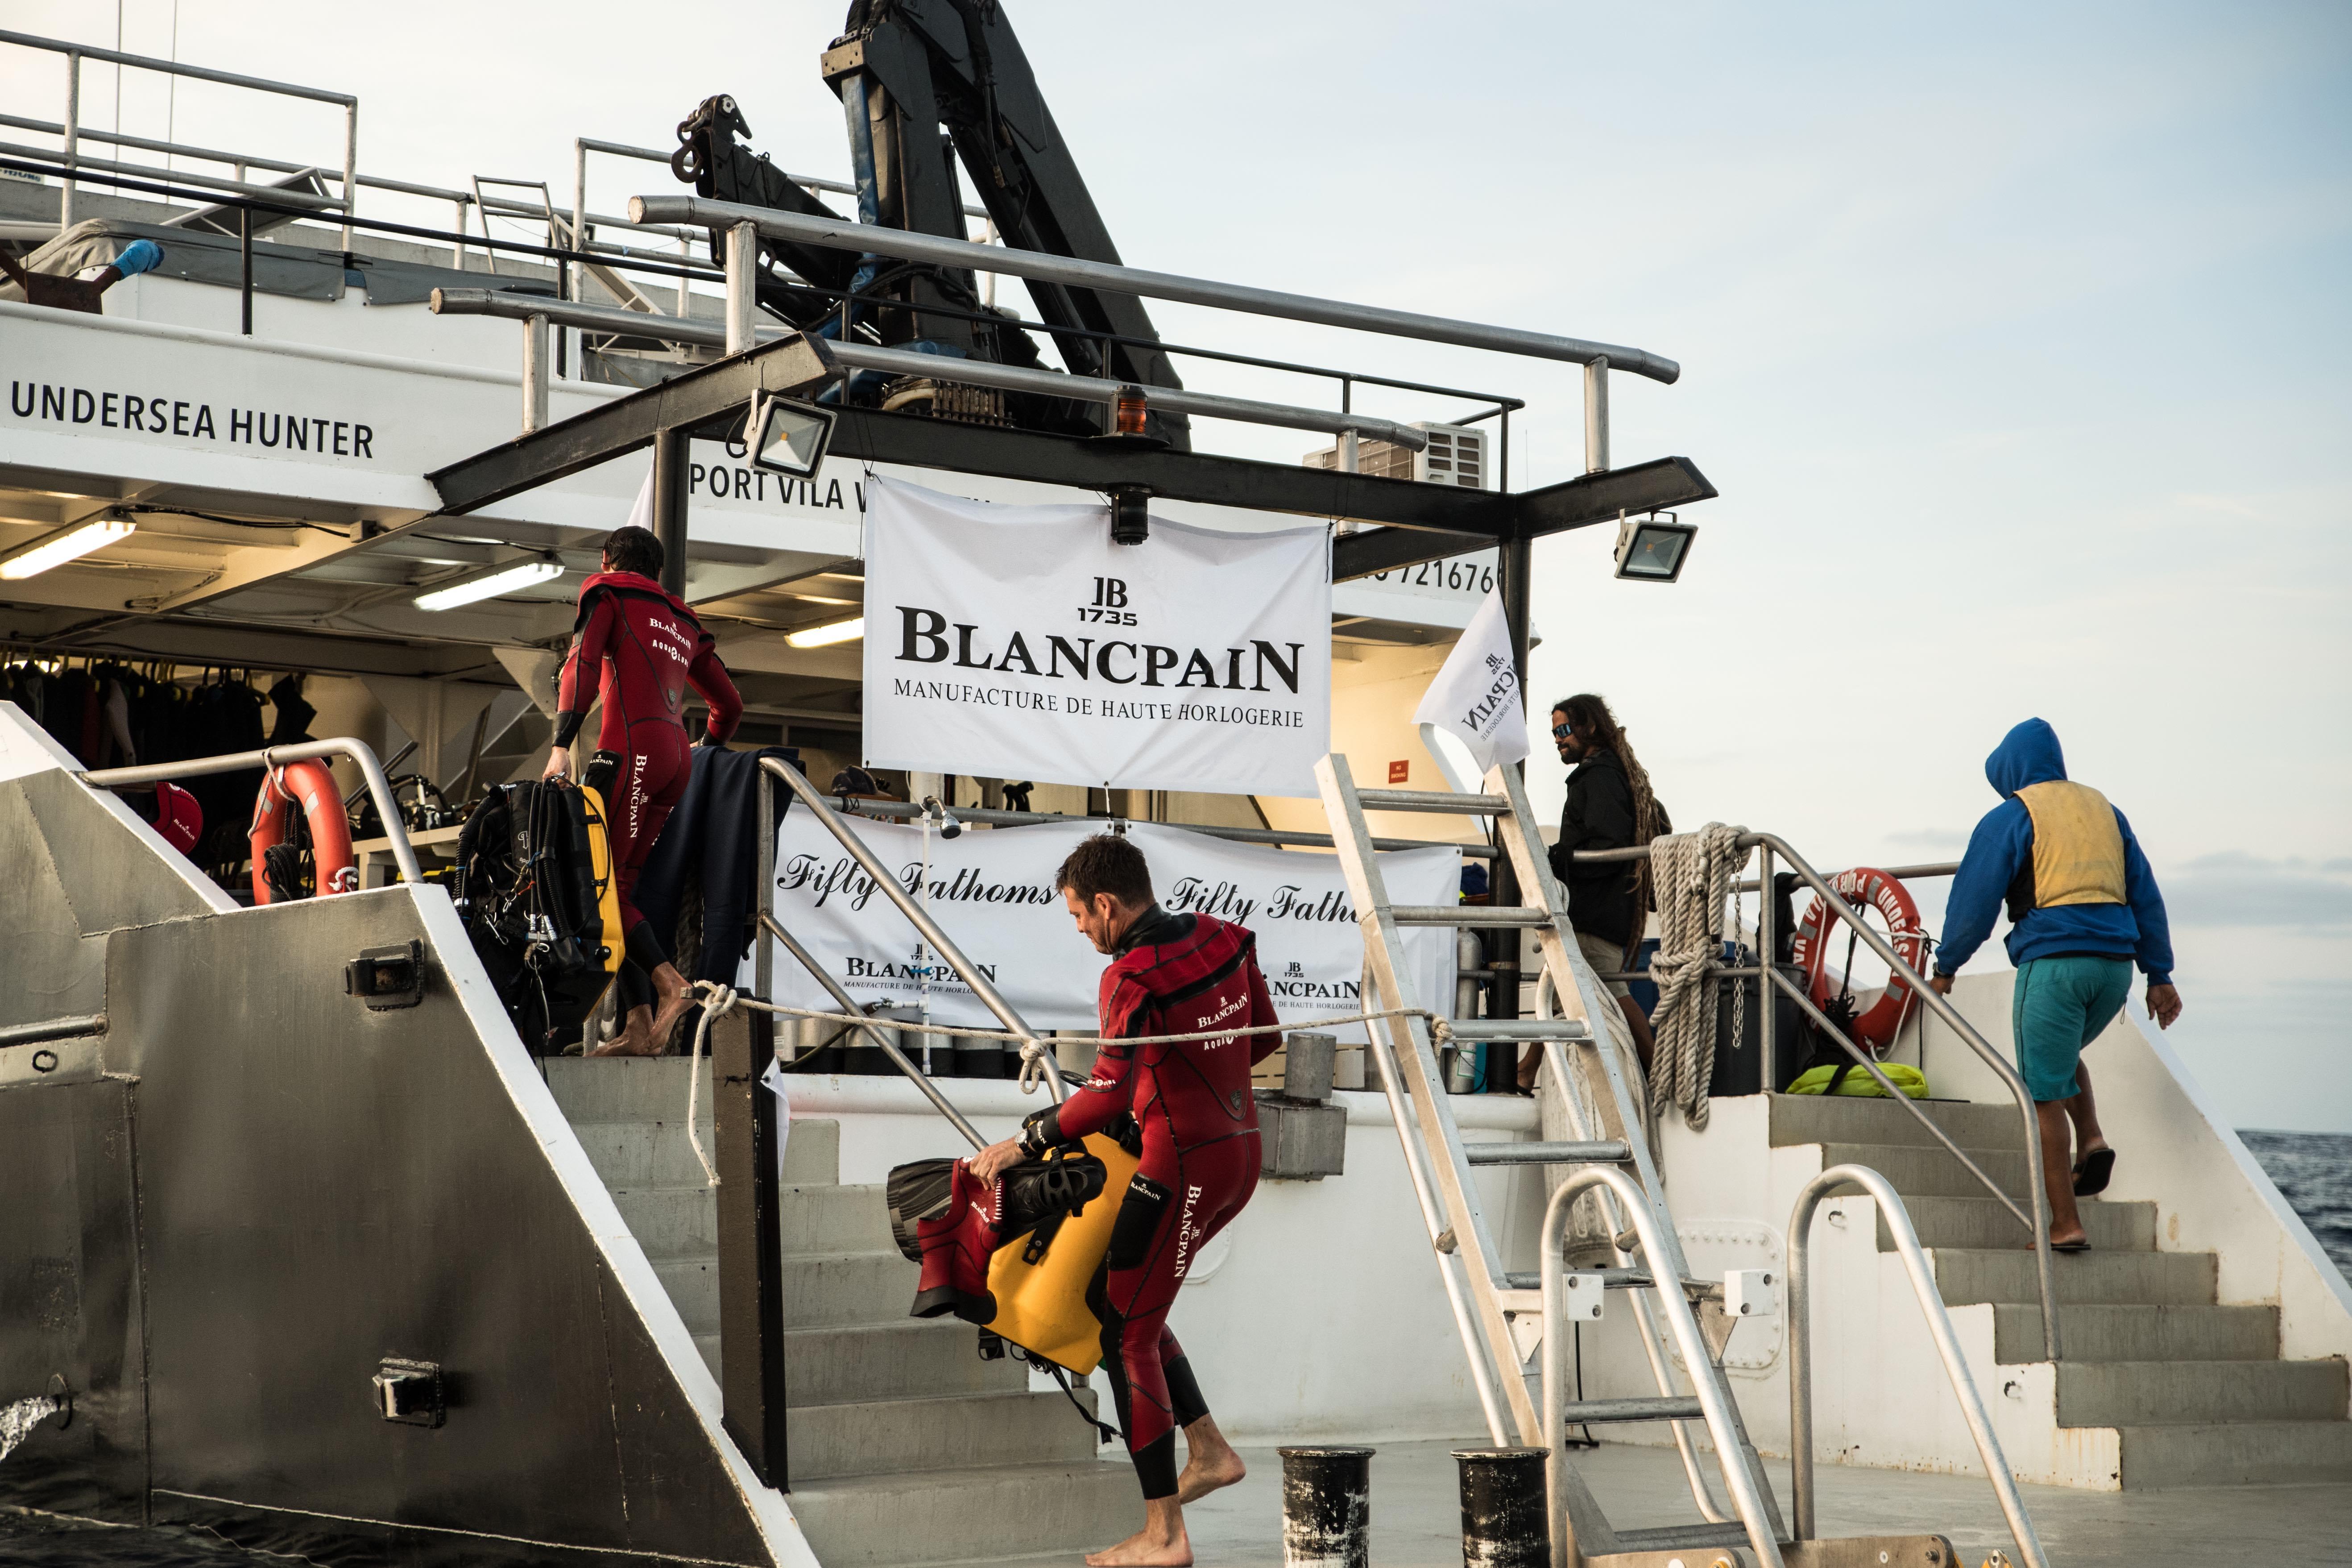 Thương hiệu đồng hồ Blancpain ra mắt BST Fifty Fathoms tại Việt Nam 10